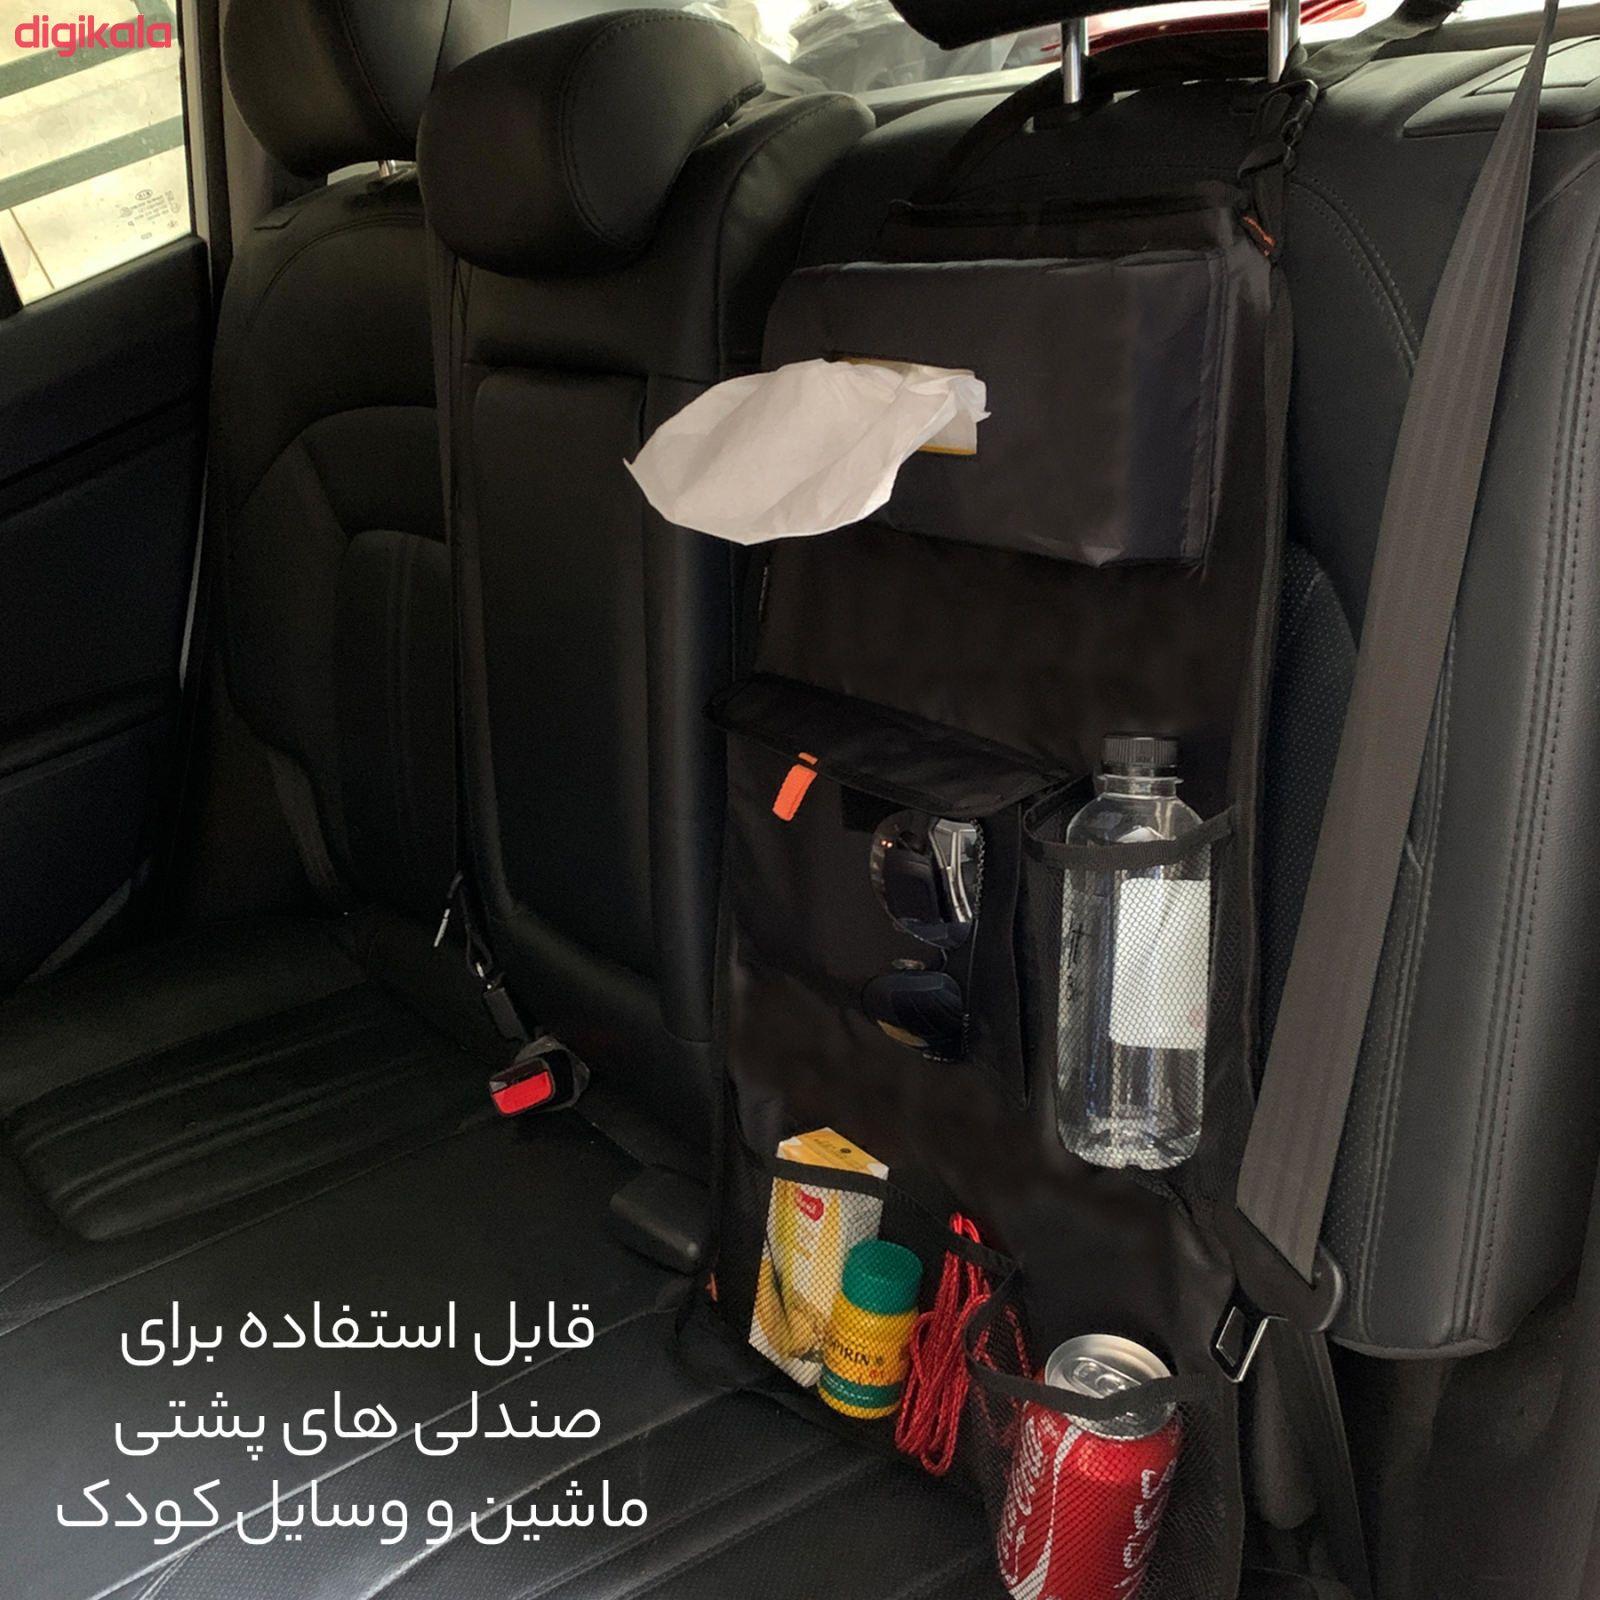 کیف پشت صندلی خودرو مدل F1مجموعه دو عددی main 1 11